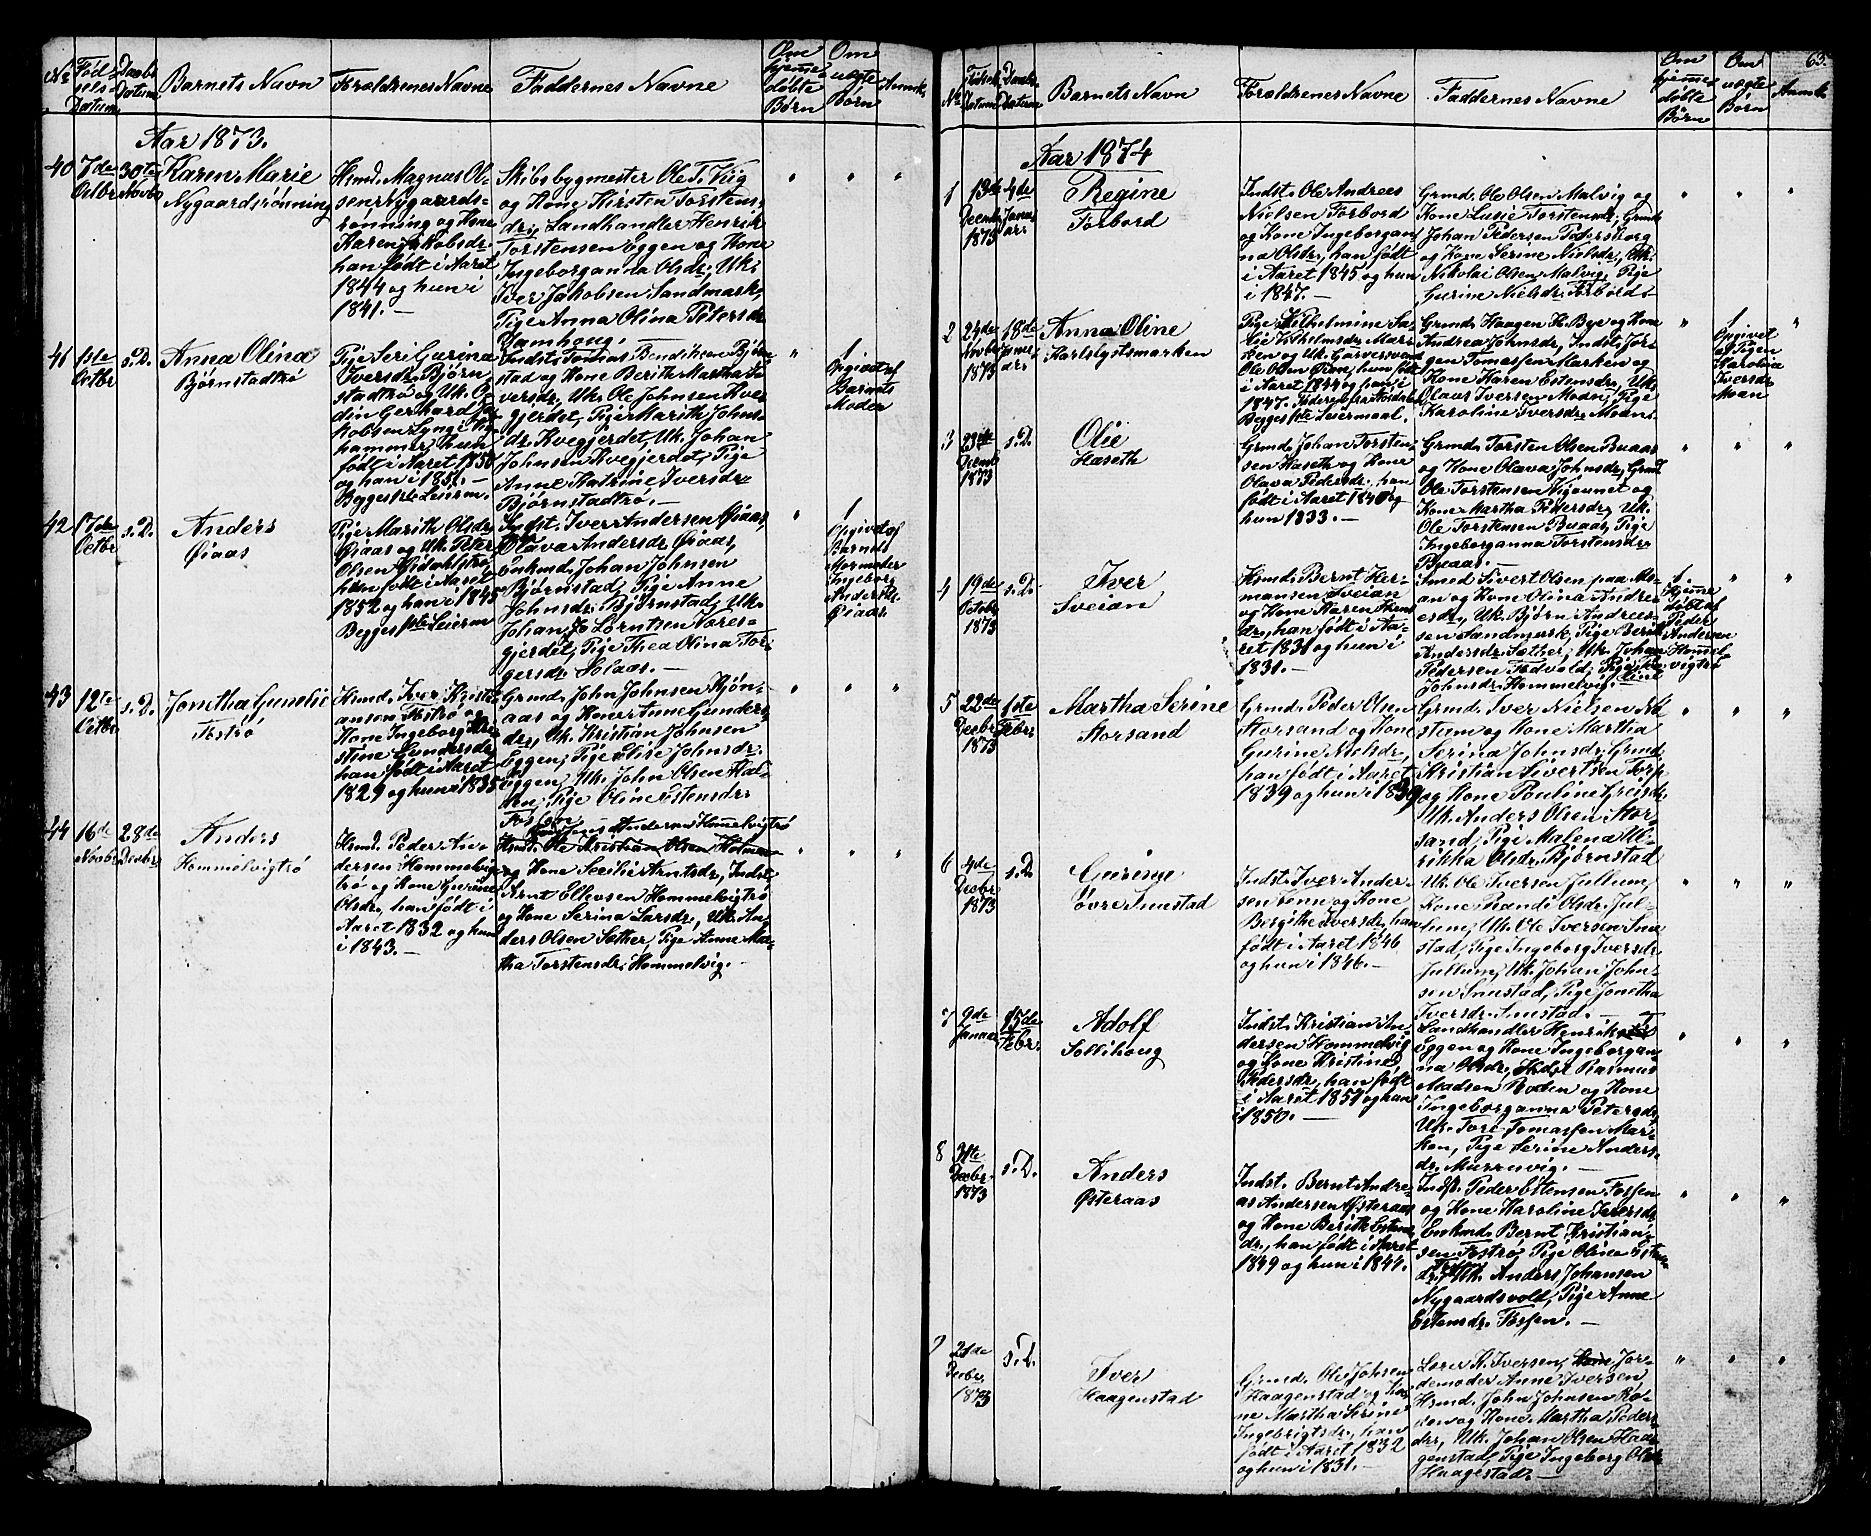 SAT, Ministerialprotokoller, klokkerbøker og fødselsregistre - Sør-Trøndelag, 616/L0422: Klokkerbok nr. 616C05, 1850-1888, s. 63